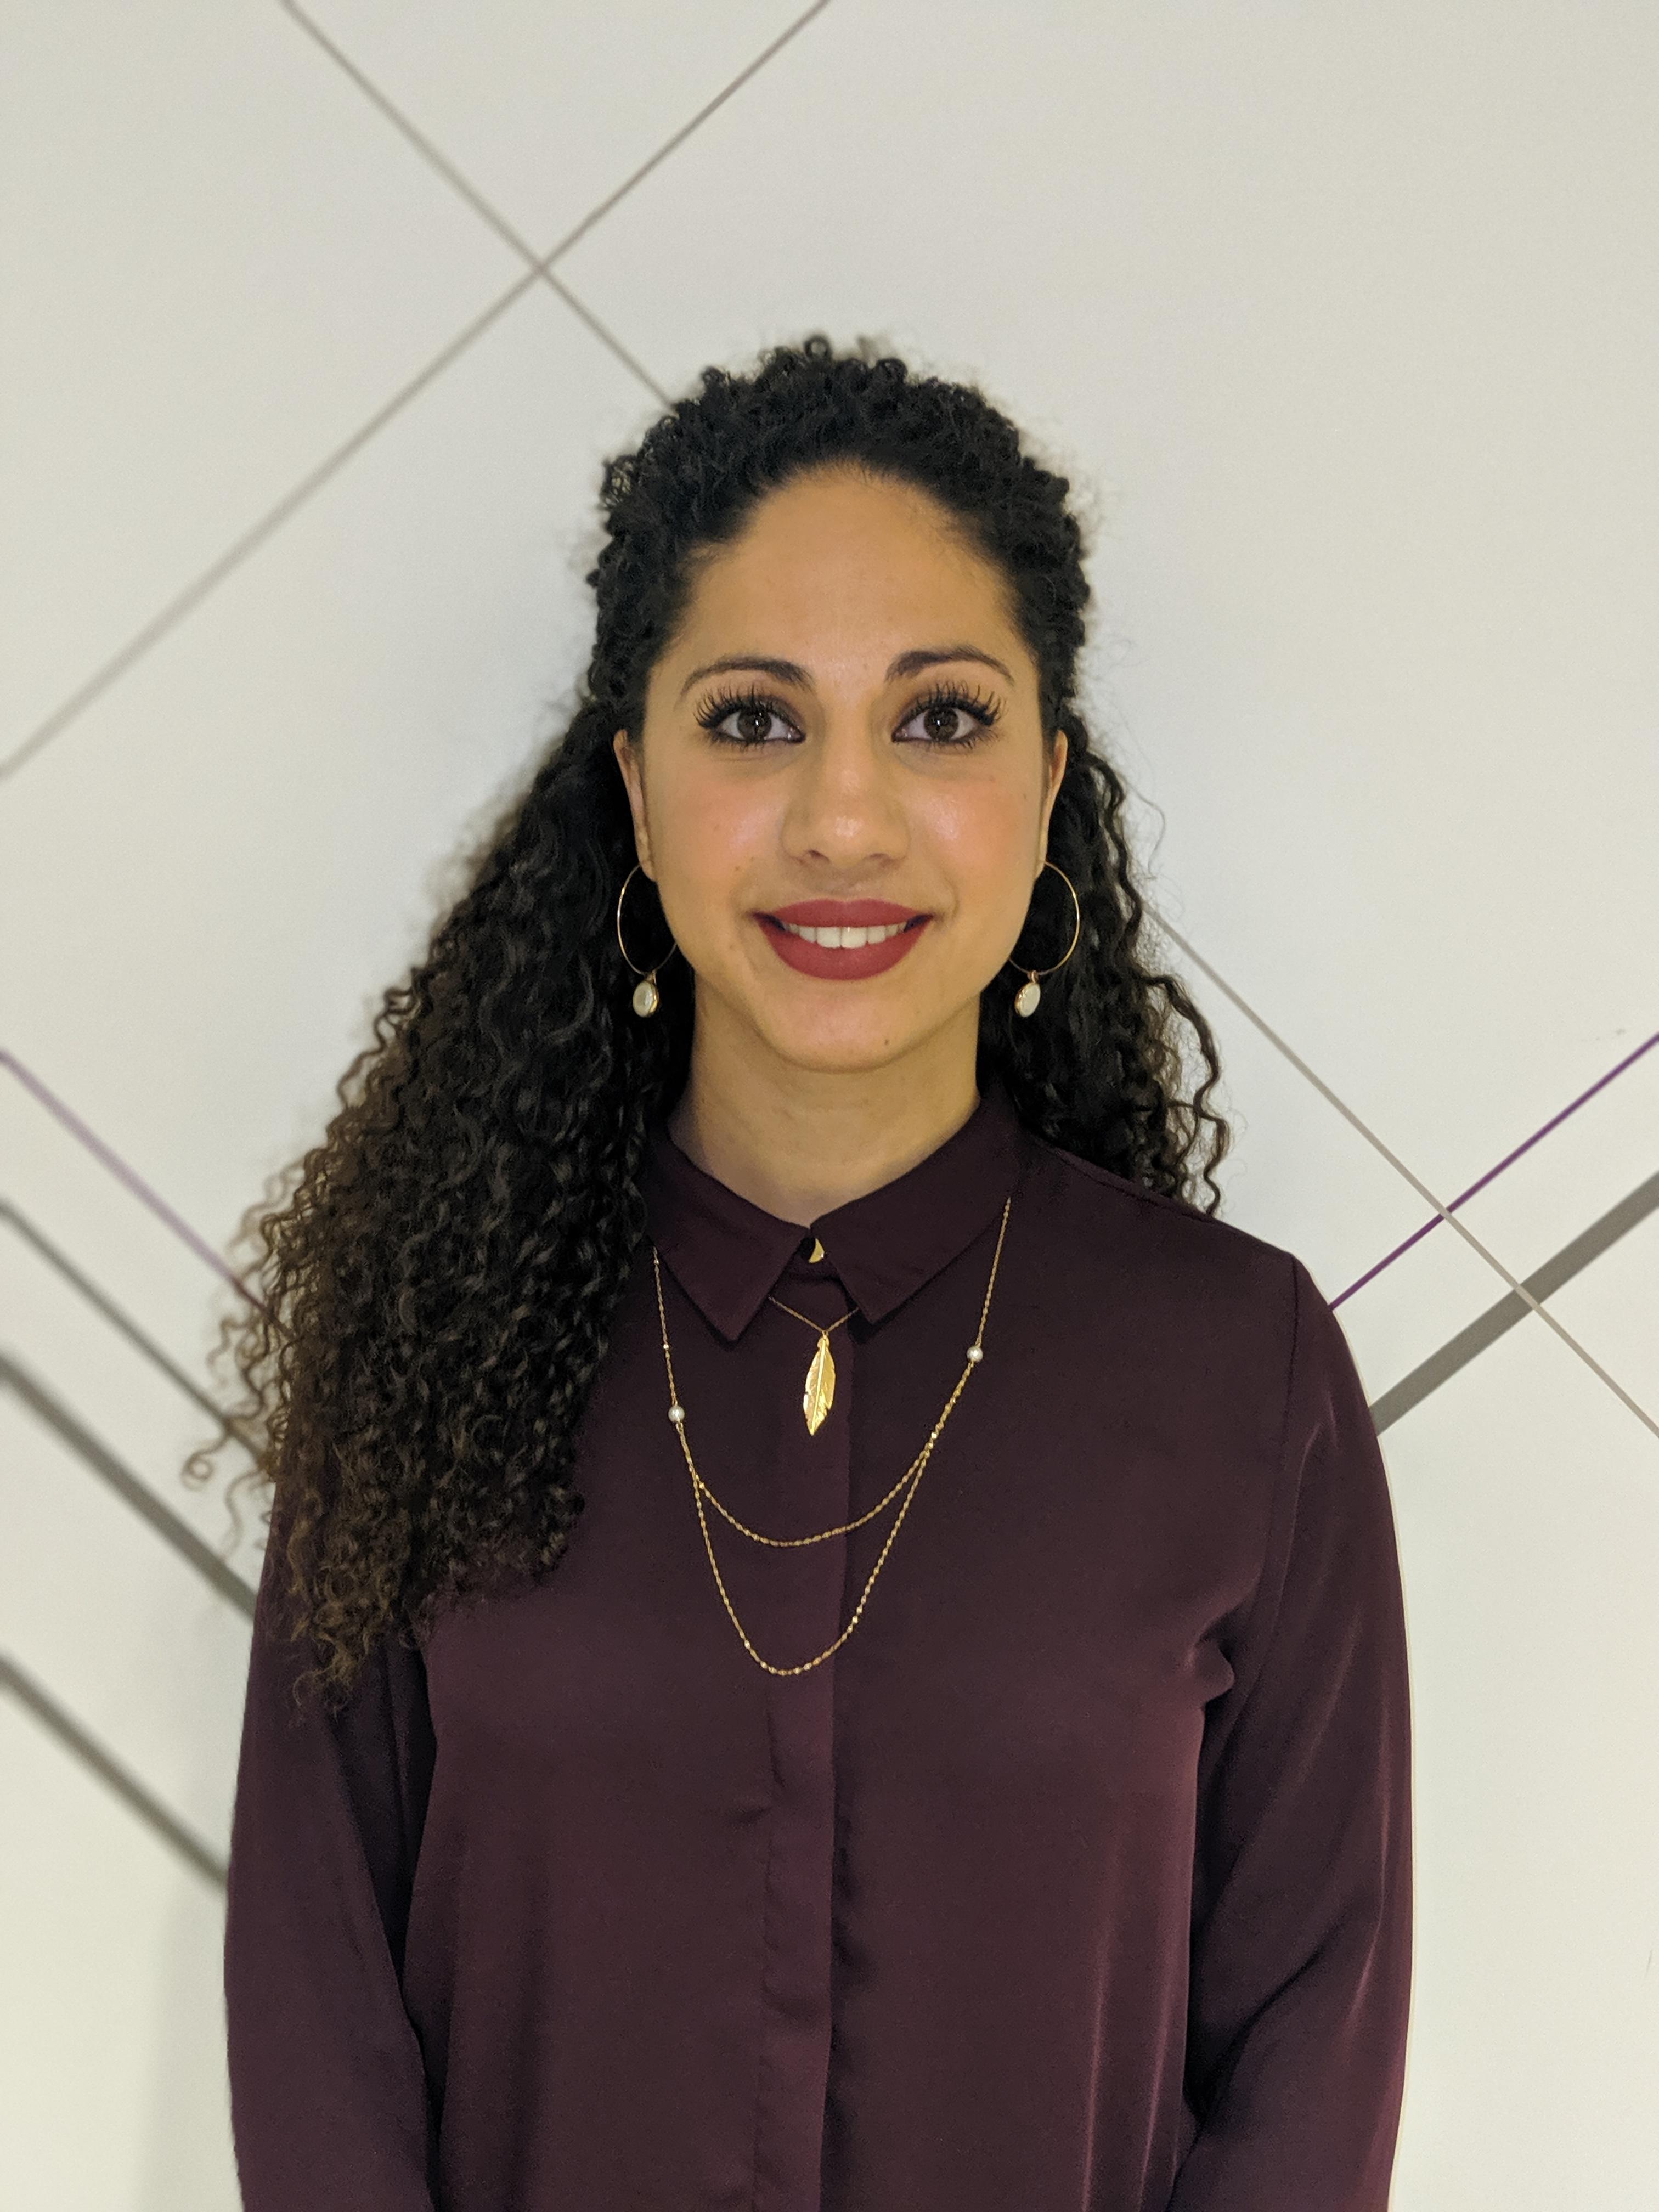 Amira Maamari-Ulisse